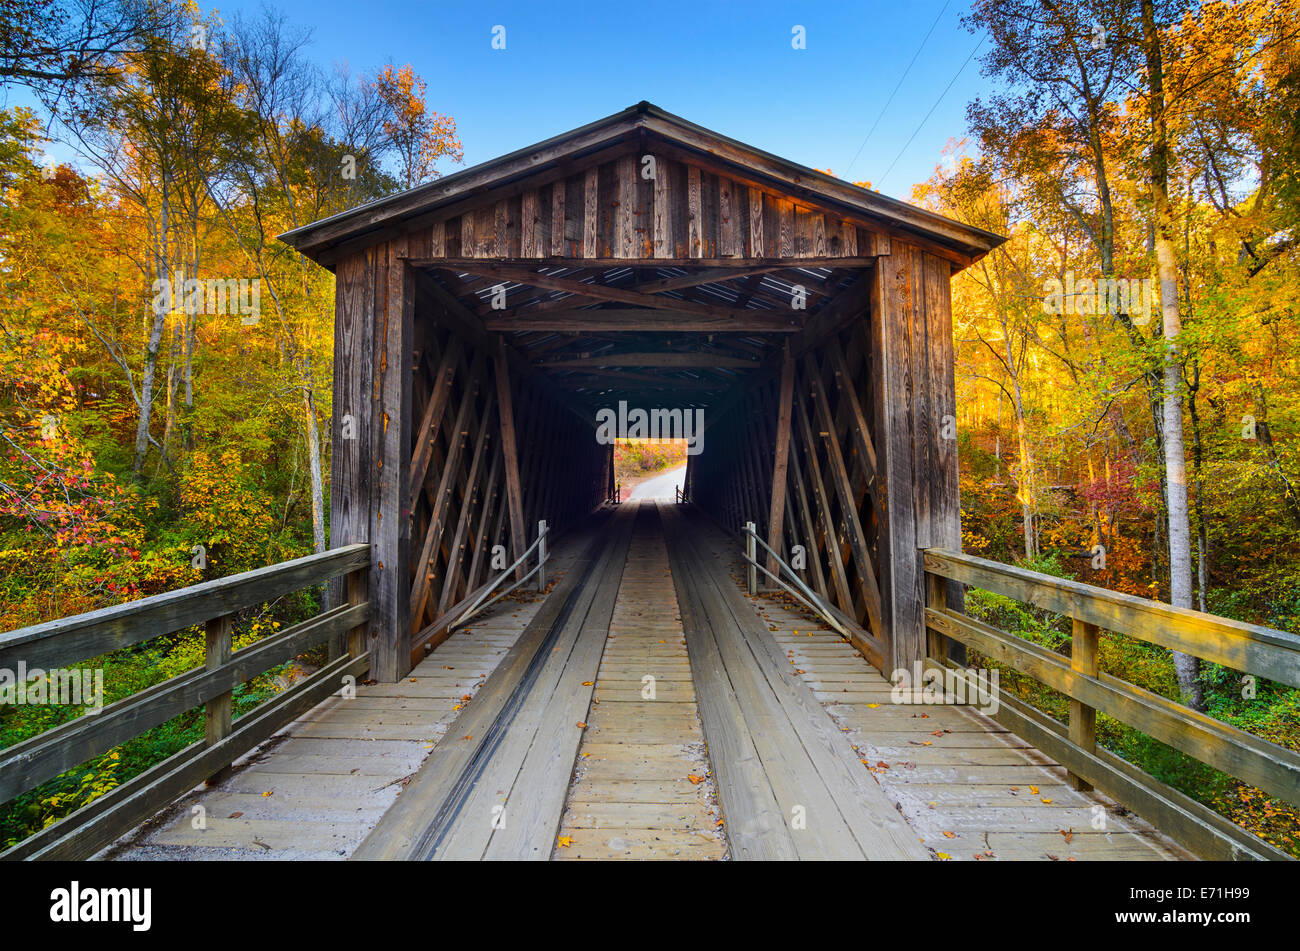 L'ancien pont couvert de la saison d'automne dans la région de Oconee, Georgia, USA. Photo Stock